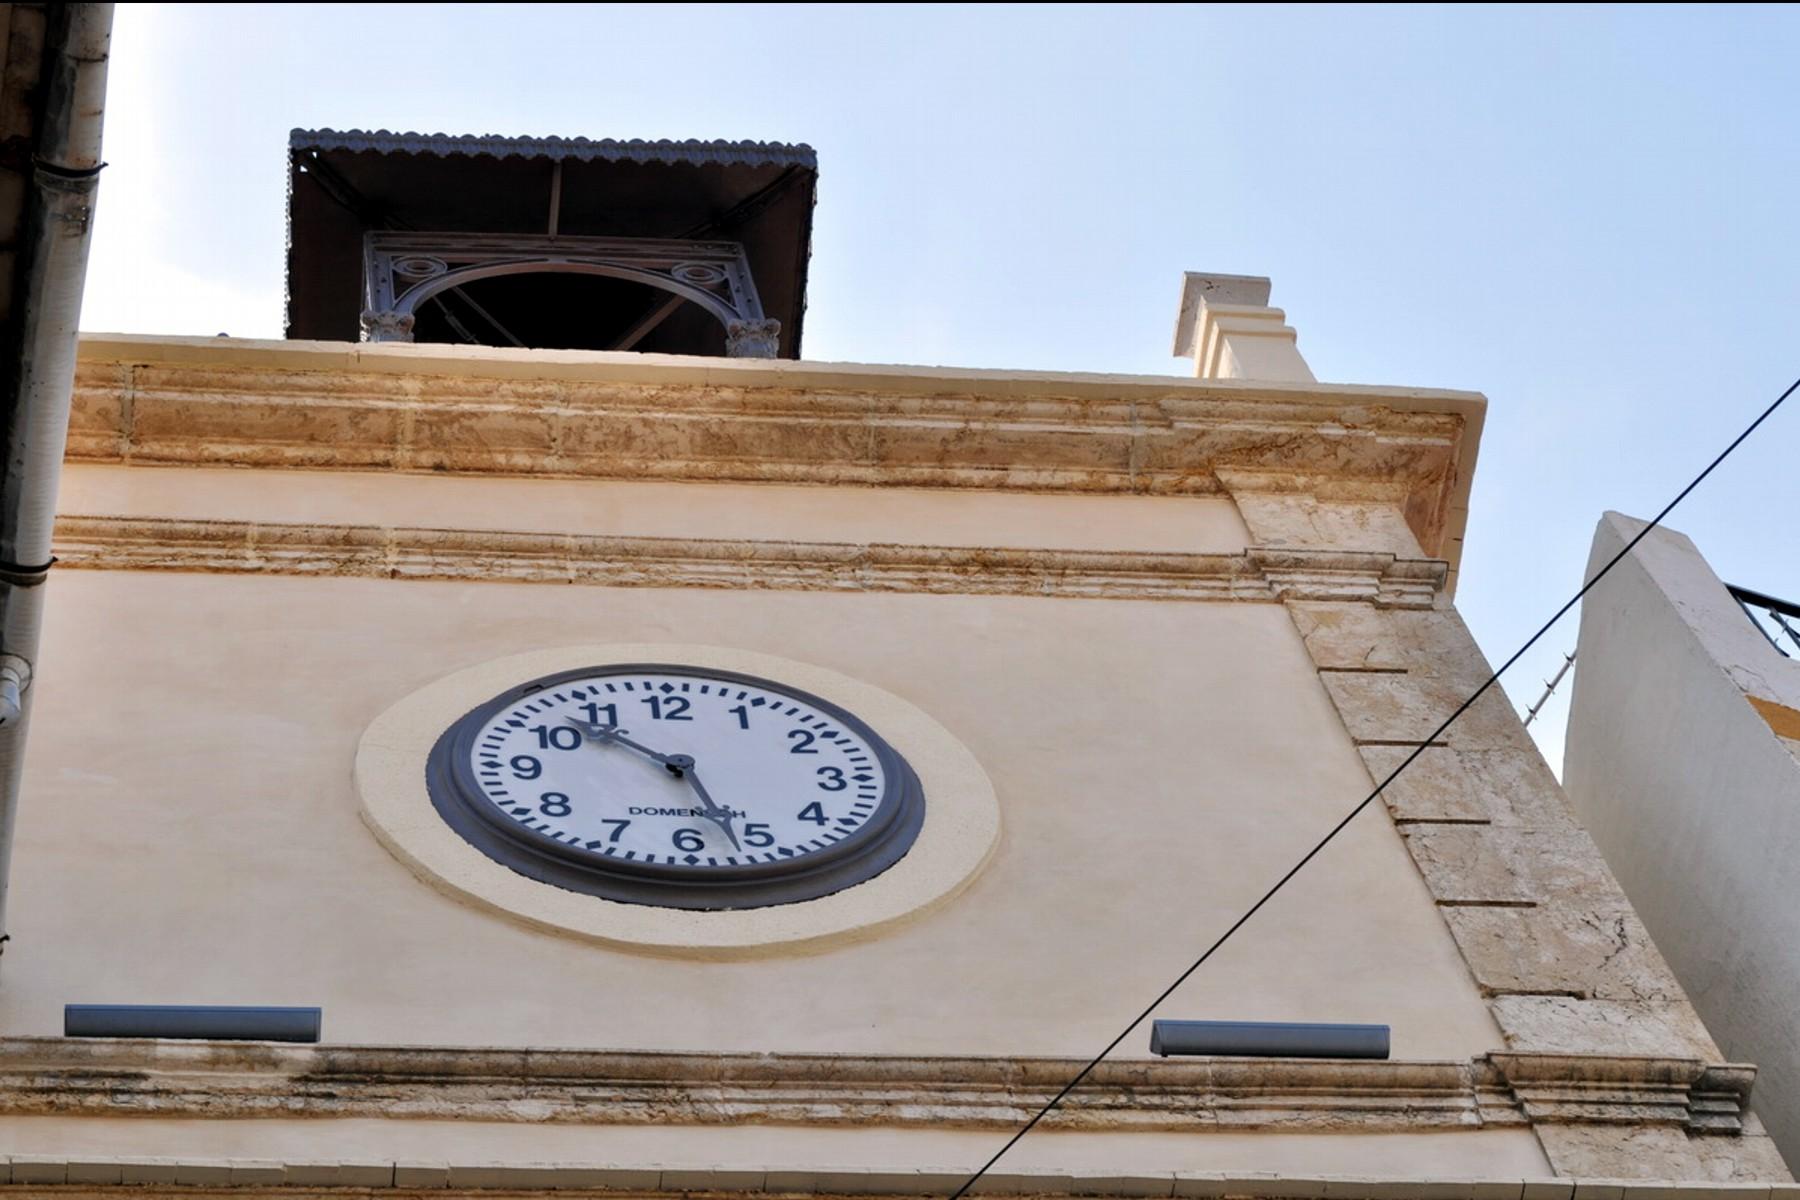 Imaginarq-355-Rehabilitacio-Torre-Reloj-Ondara-Alicante06A